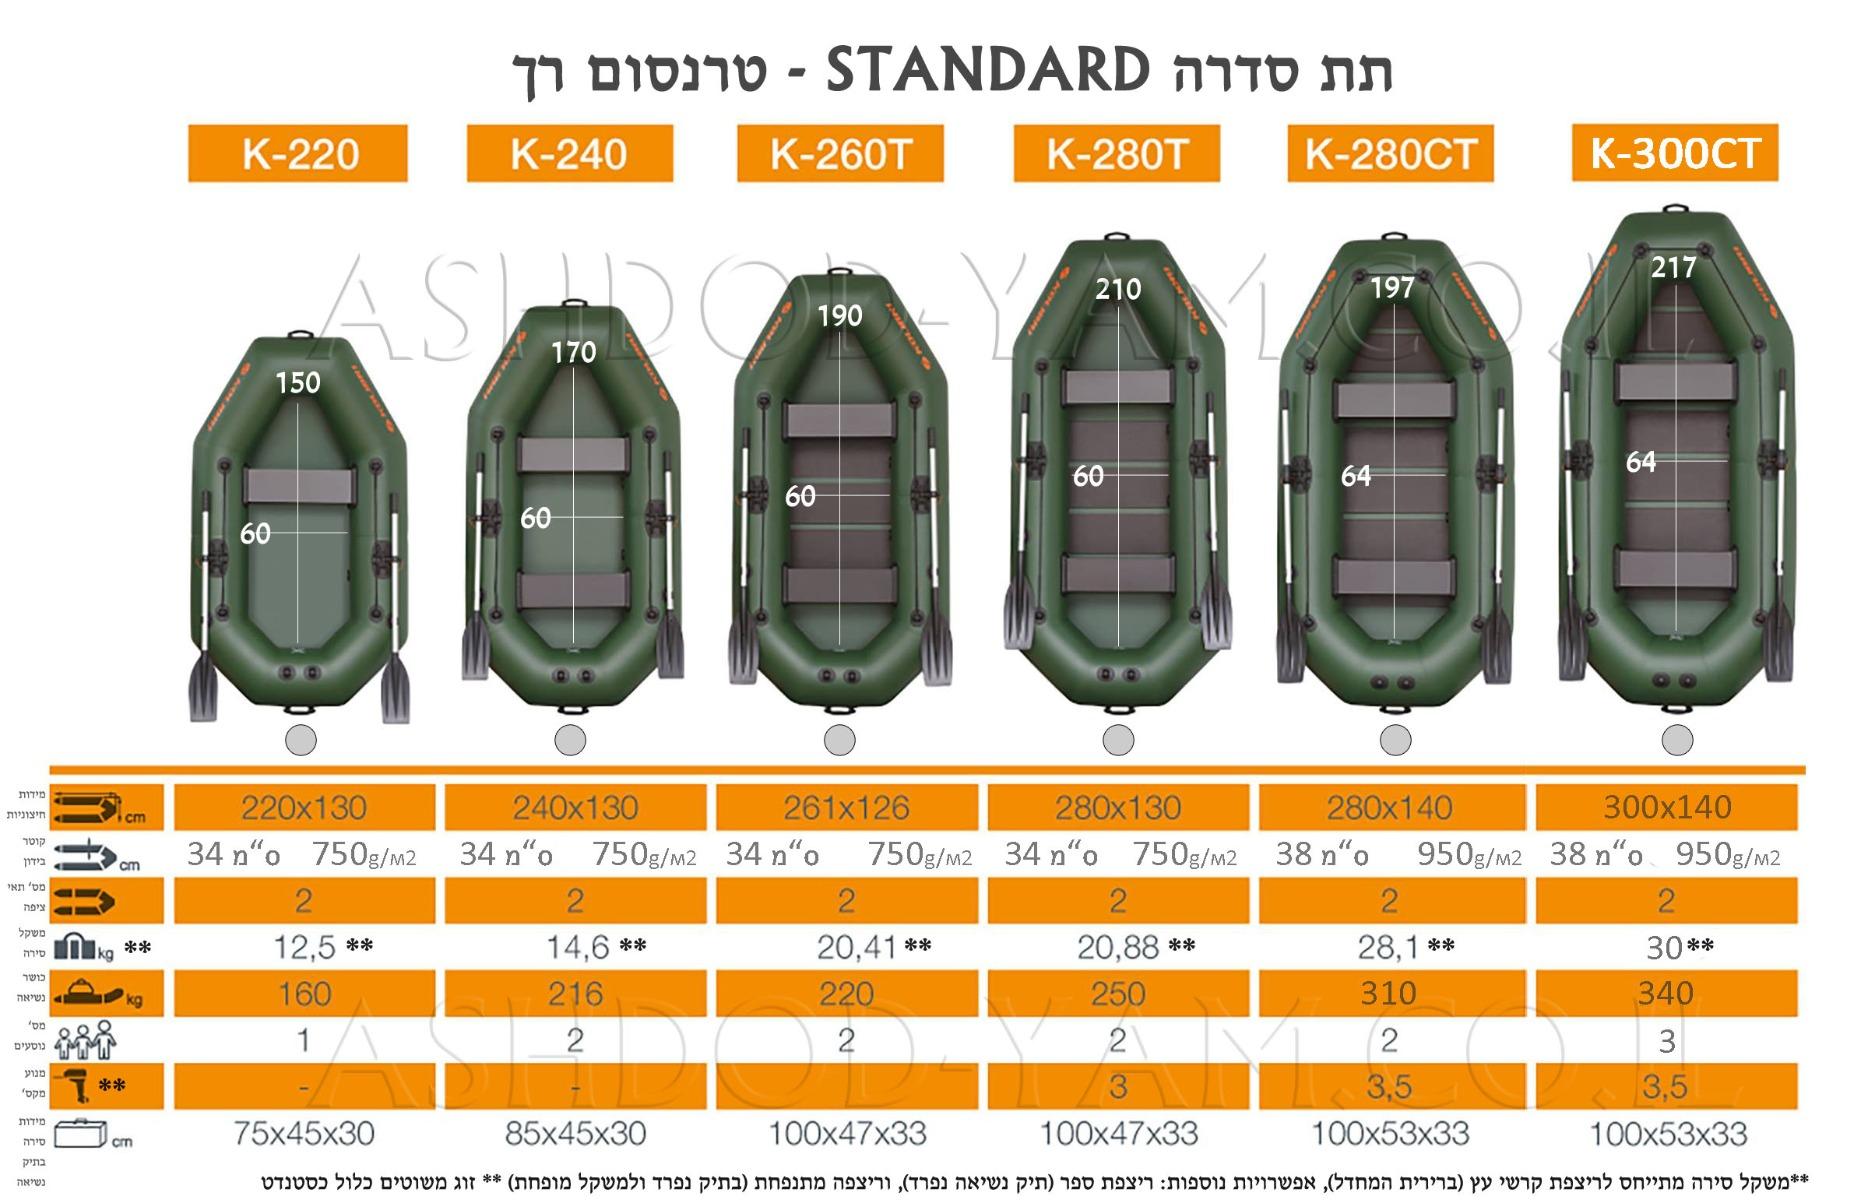 השוואת דגמי סירות קוליברי מסדרת סירות משוטים - חתירה -STANDARD